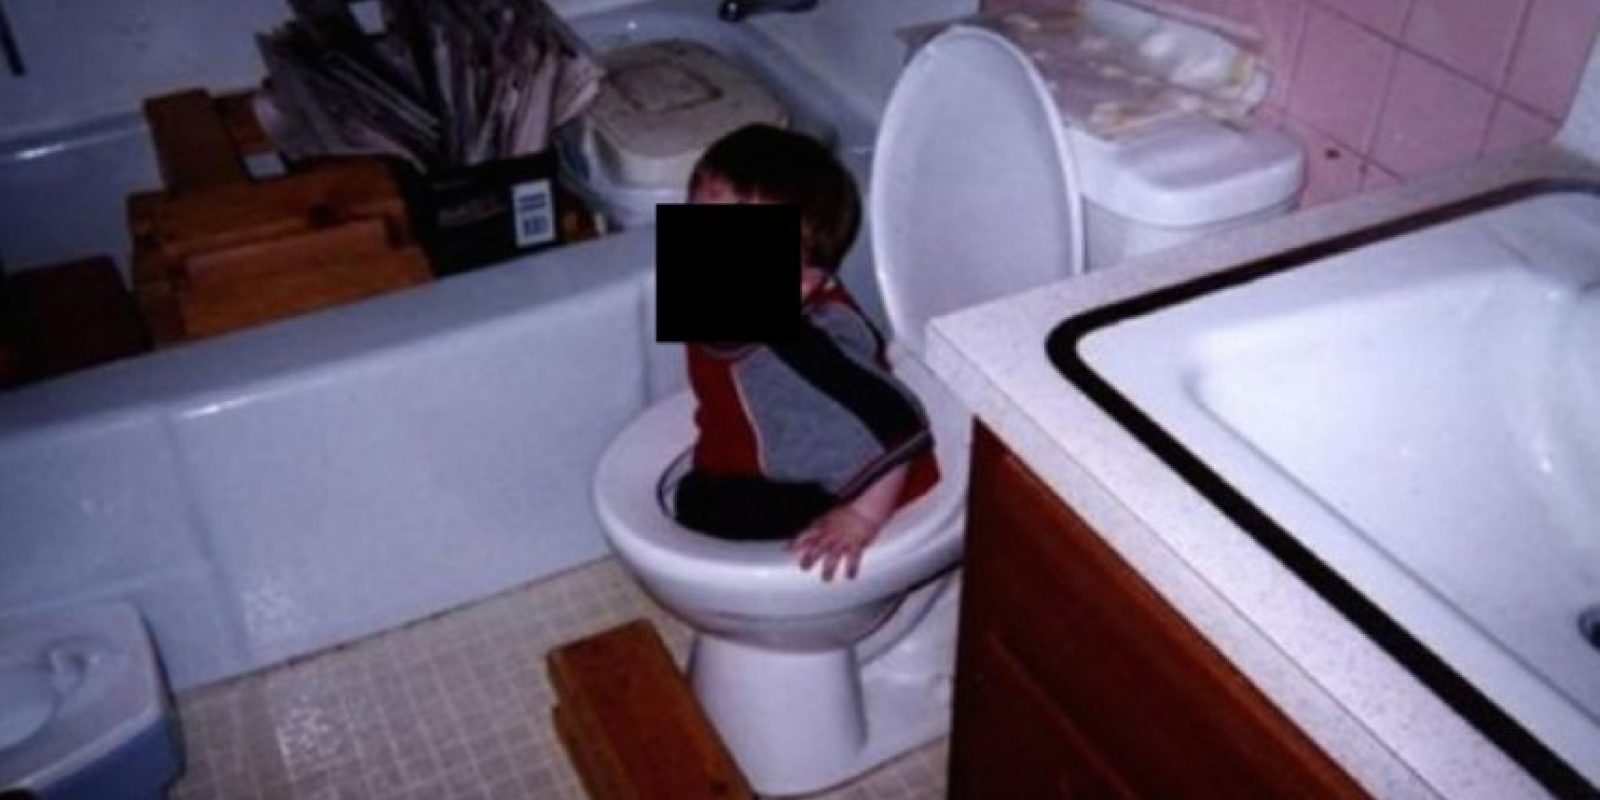 9. Dar castigos físicos sin razón lógica: los golpes en exceso son reprochables en cualquier caso. Foto:vía Epicfail.com